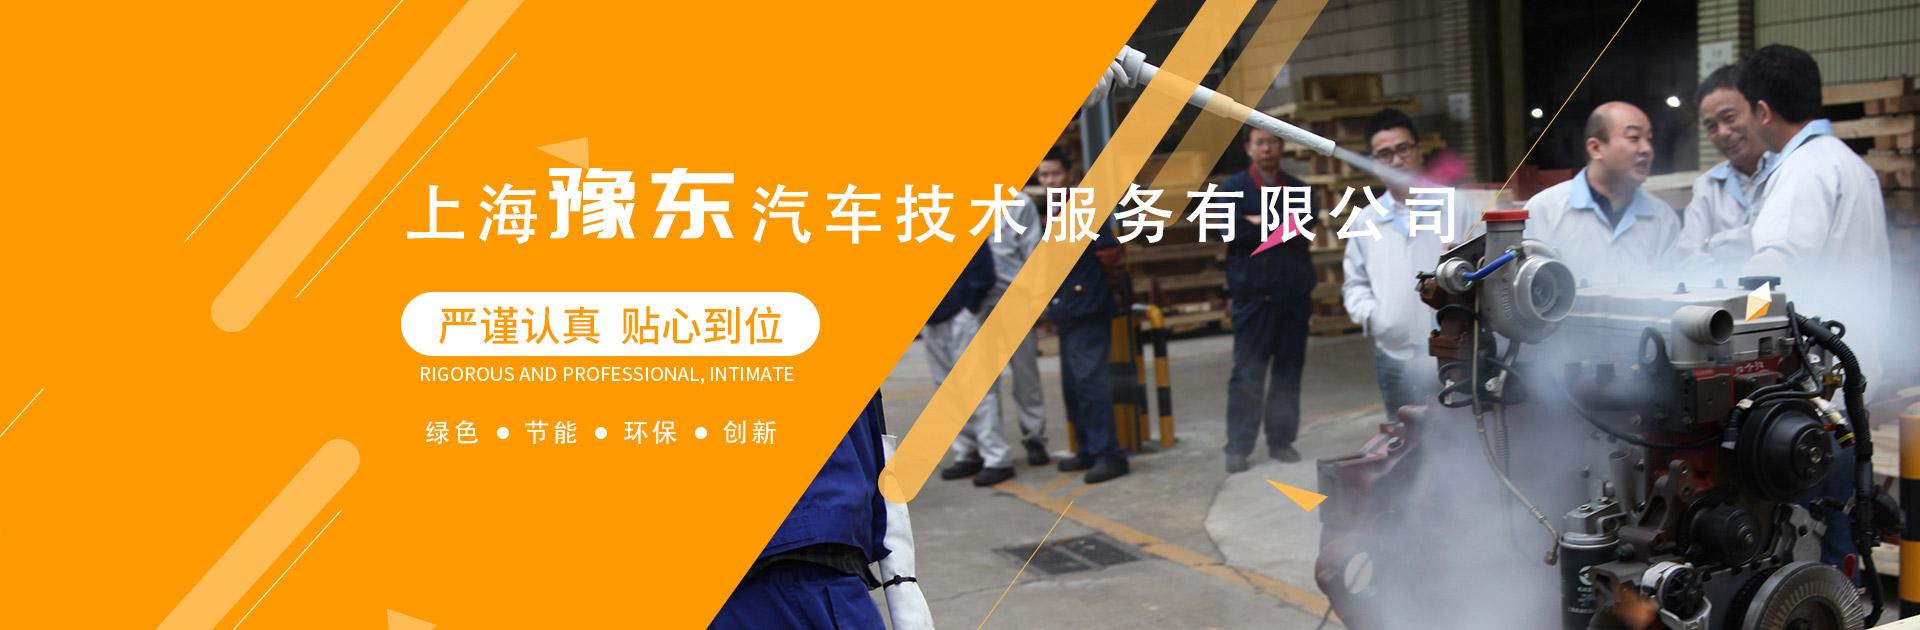 上海豫東汽車技術服務有限公司